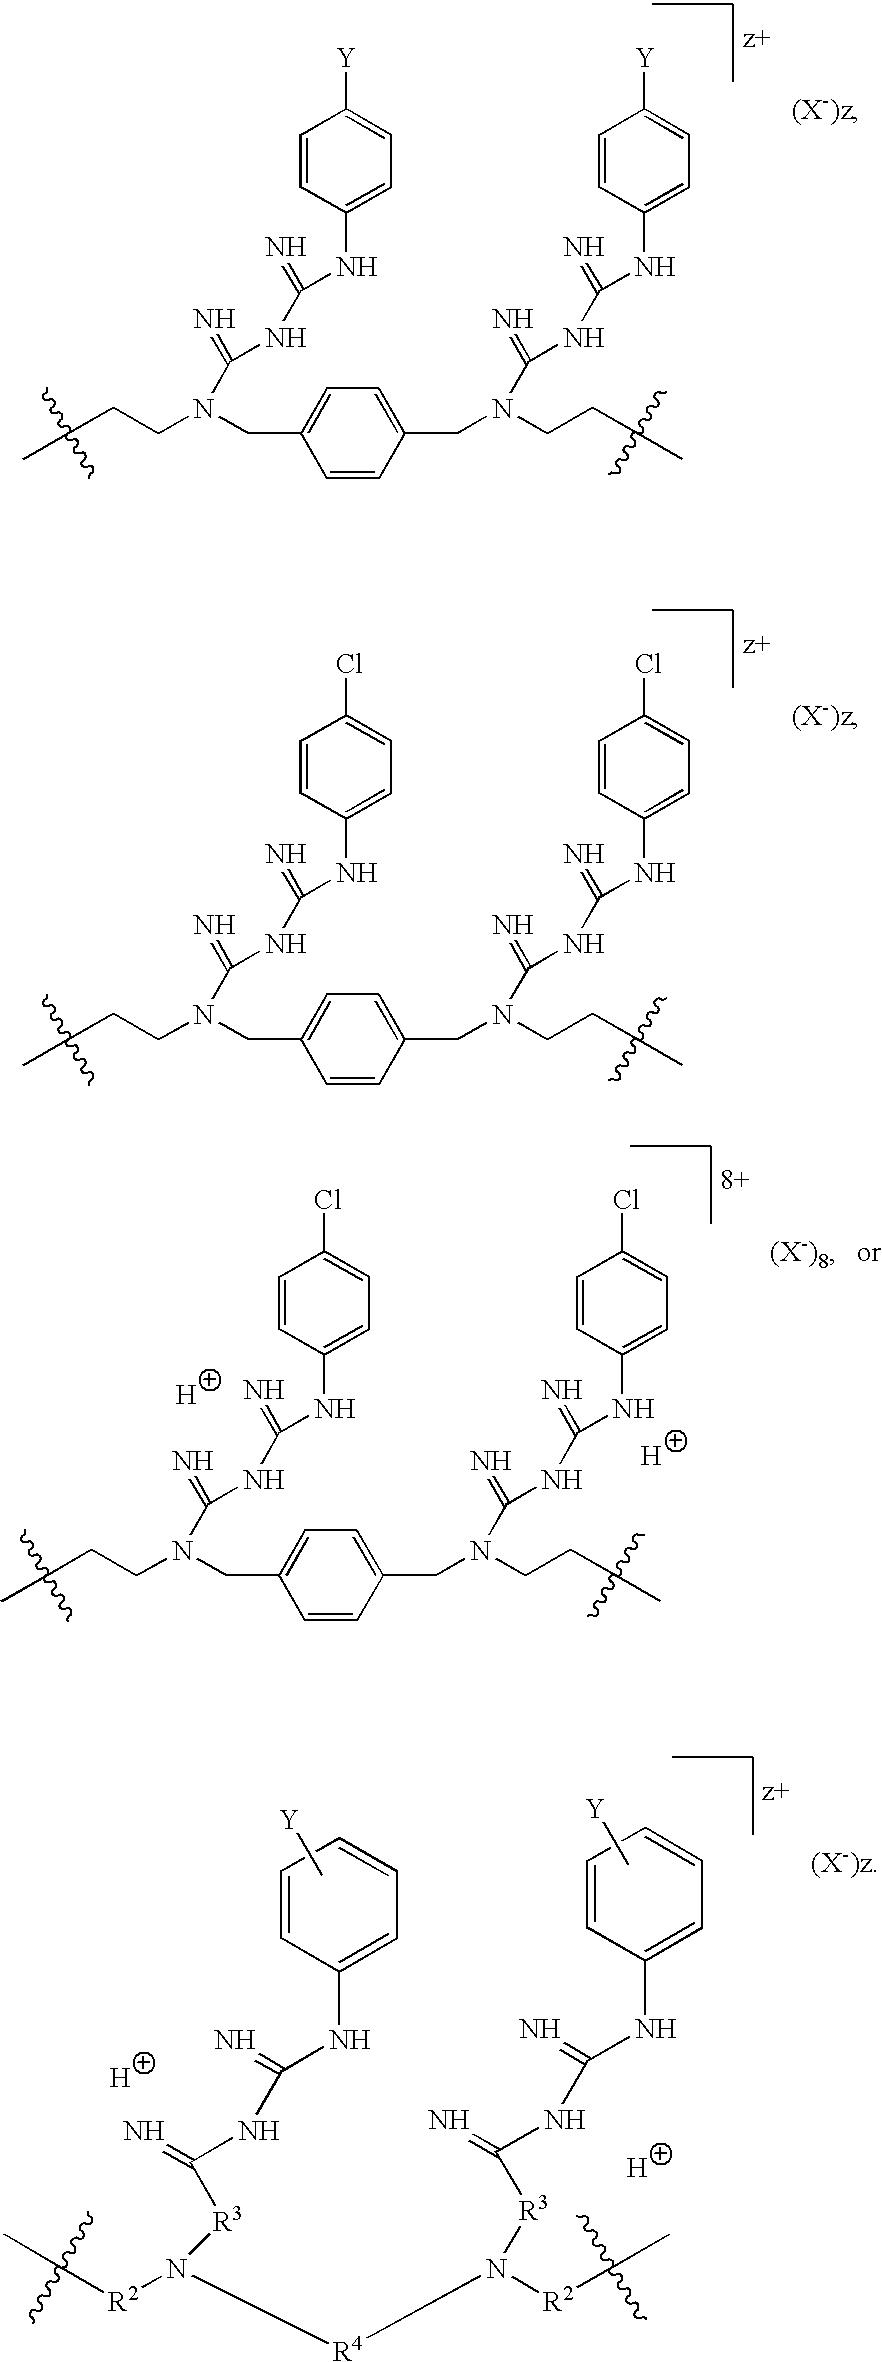 Figure US20090074833A1-20090319-C00006